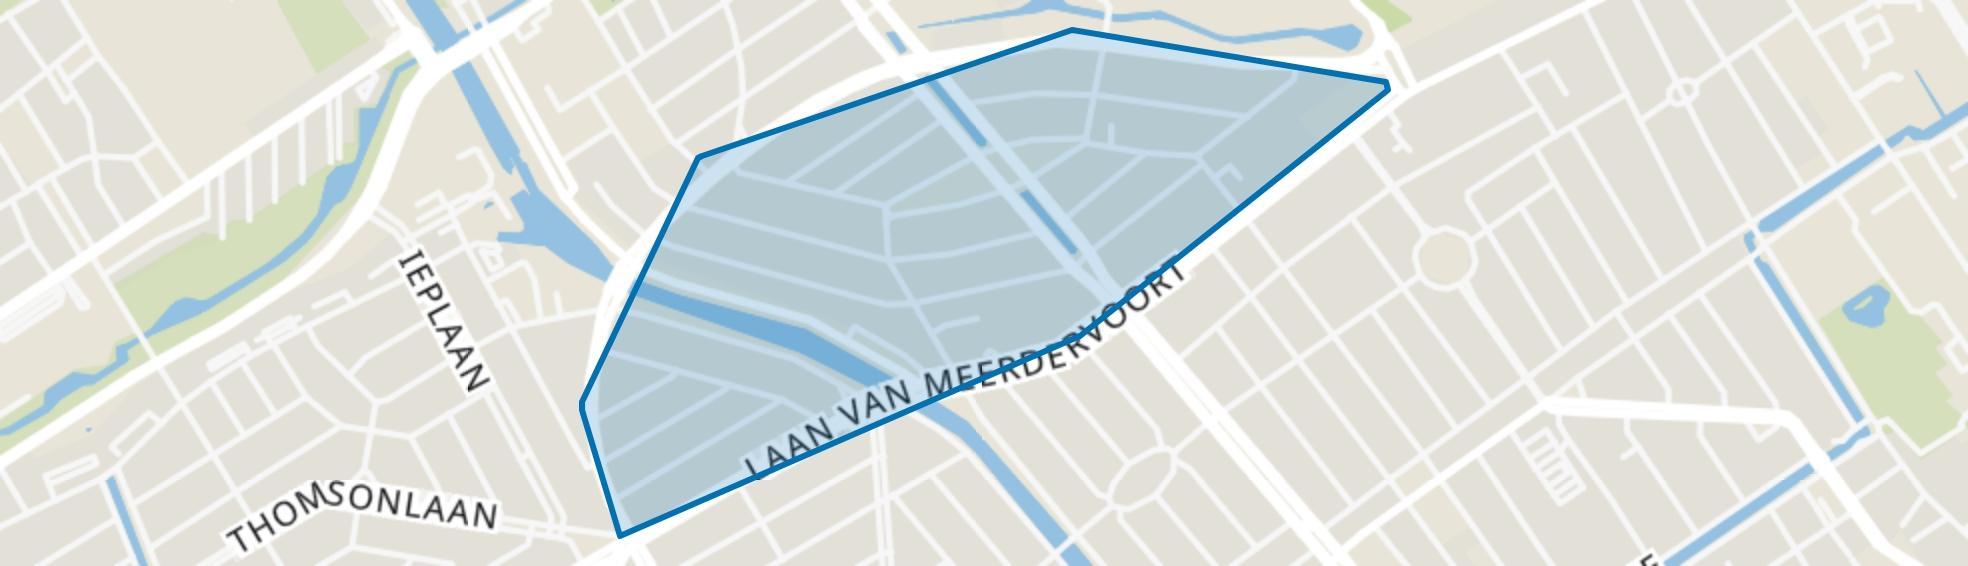 Sweelinckplein en omgeving, Den Haag map